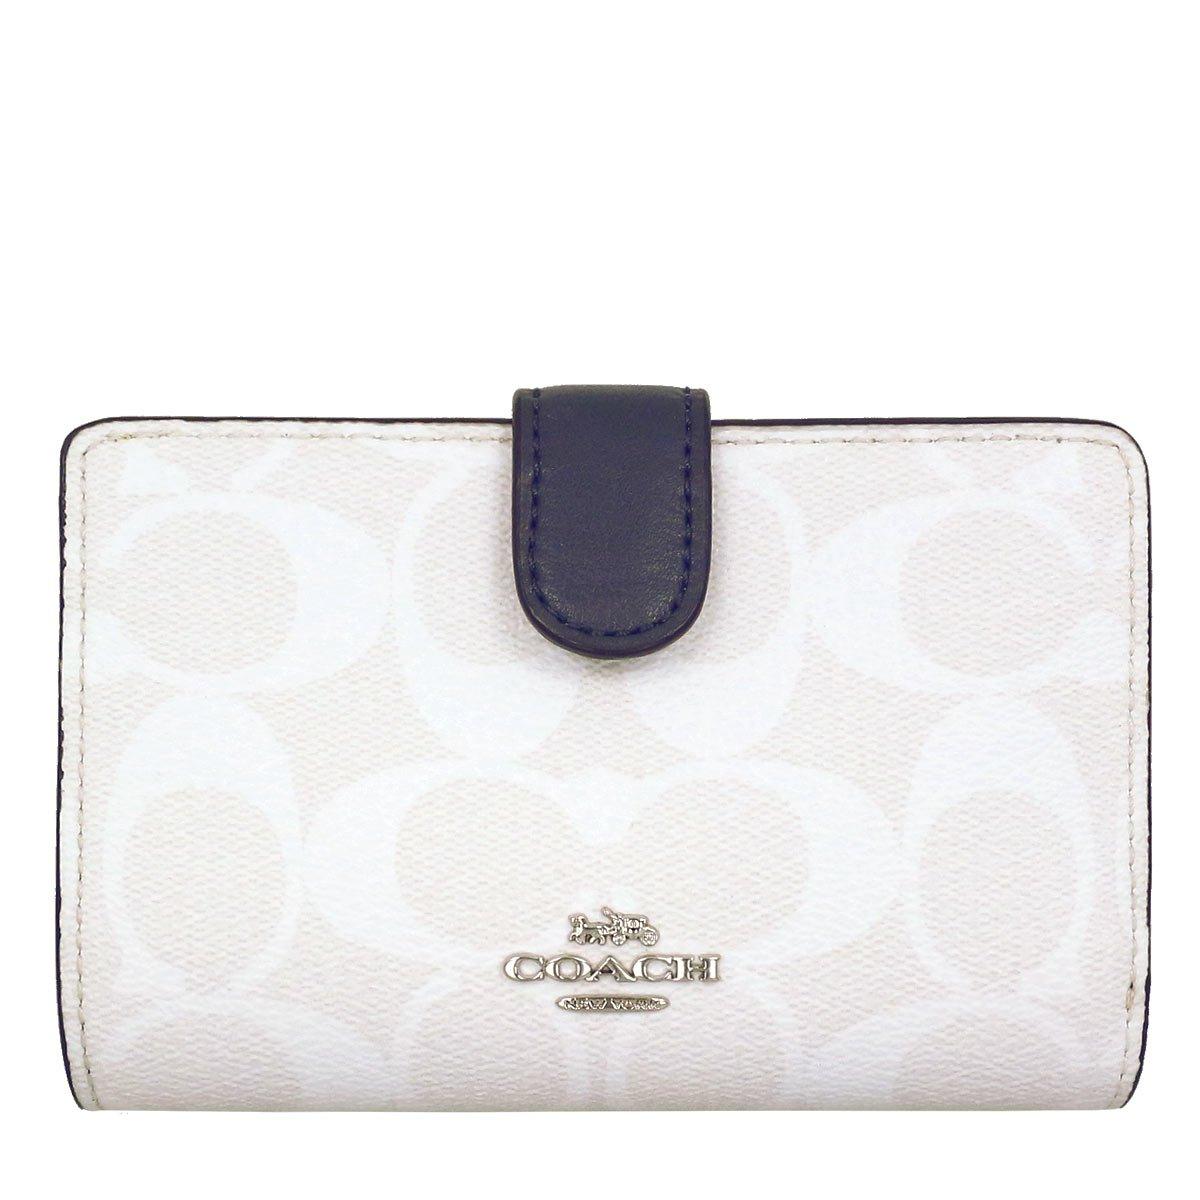 [コーチ] COACH 財布 (二つ折り財布) F23553 シグネチャー 二つ折り財布 レディース [アウトレット品] [並行輸入品] B07F8XBM3Z チョーク×ミッドナイト チョーク×ミッドナイト